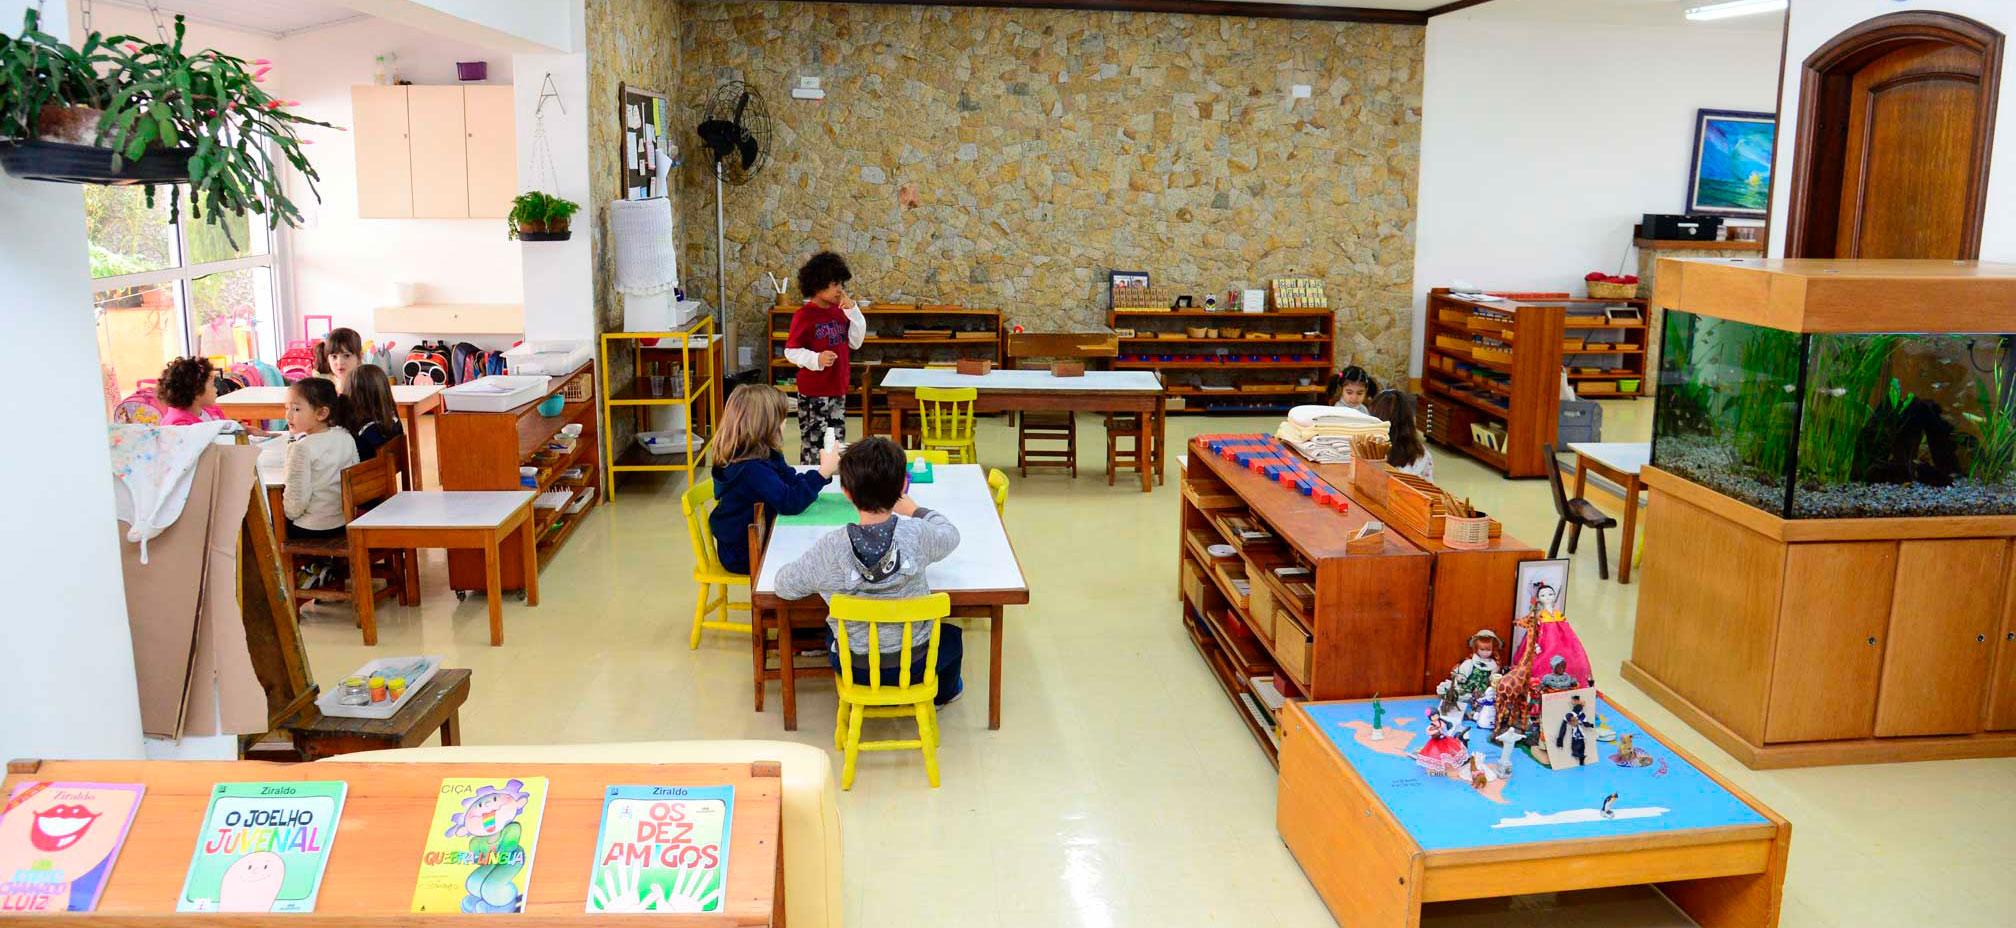 Calendario Montessori.Prima Montessori Escola Montessori De Sao Paulo